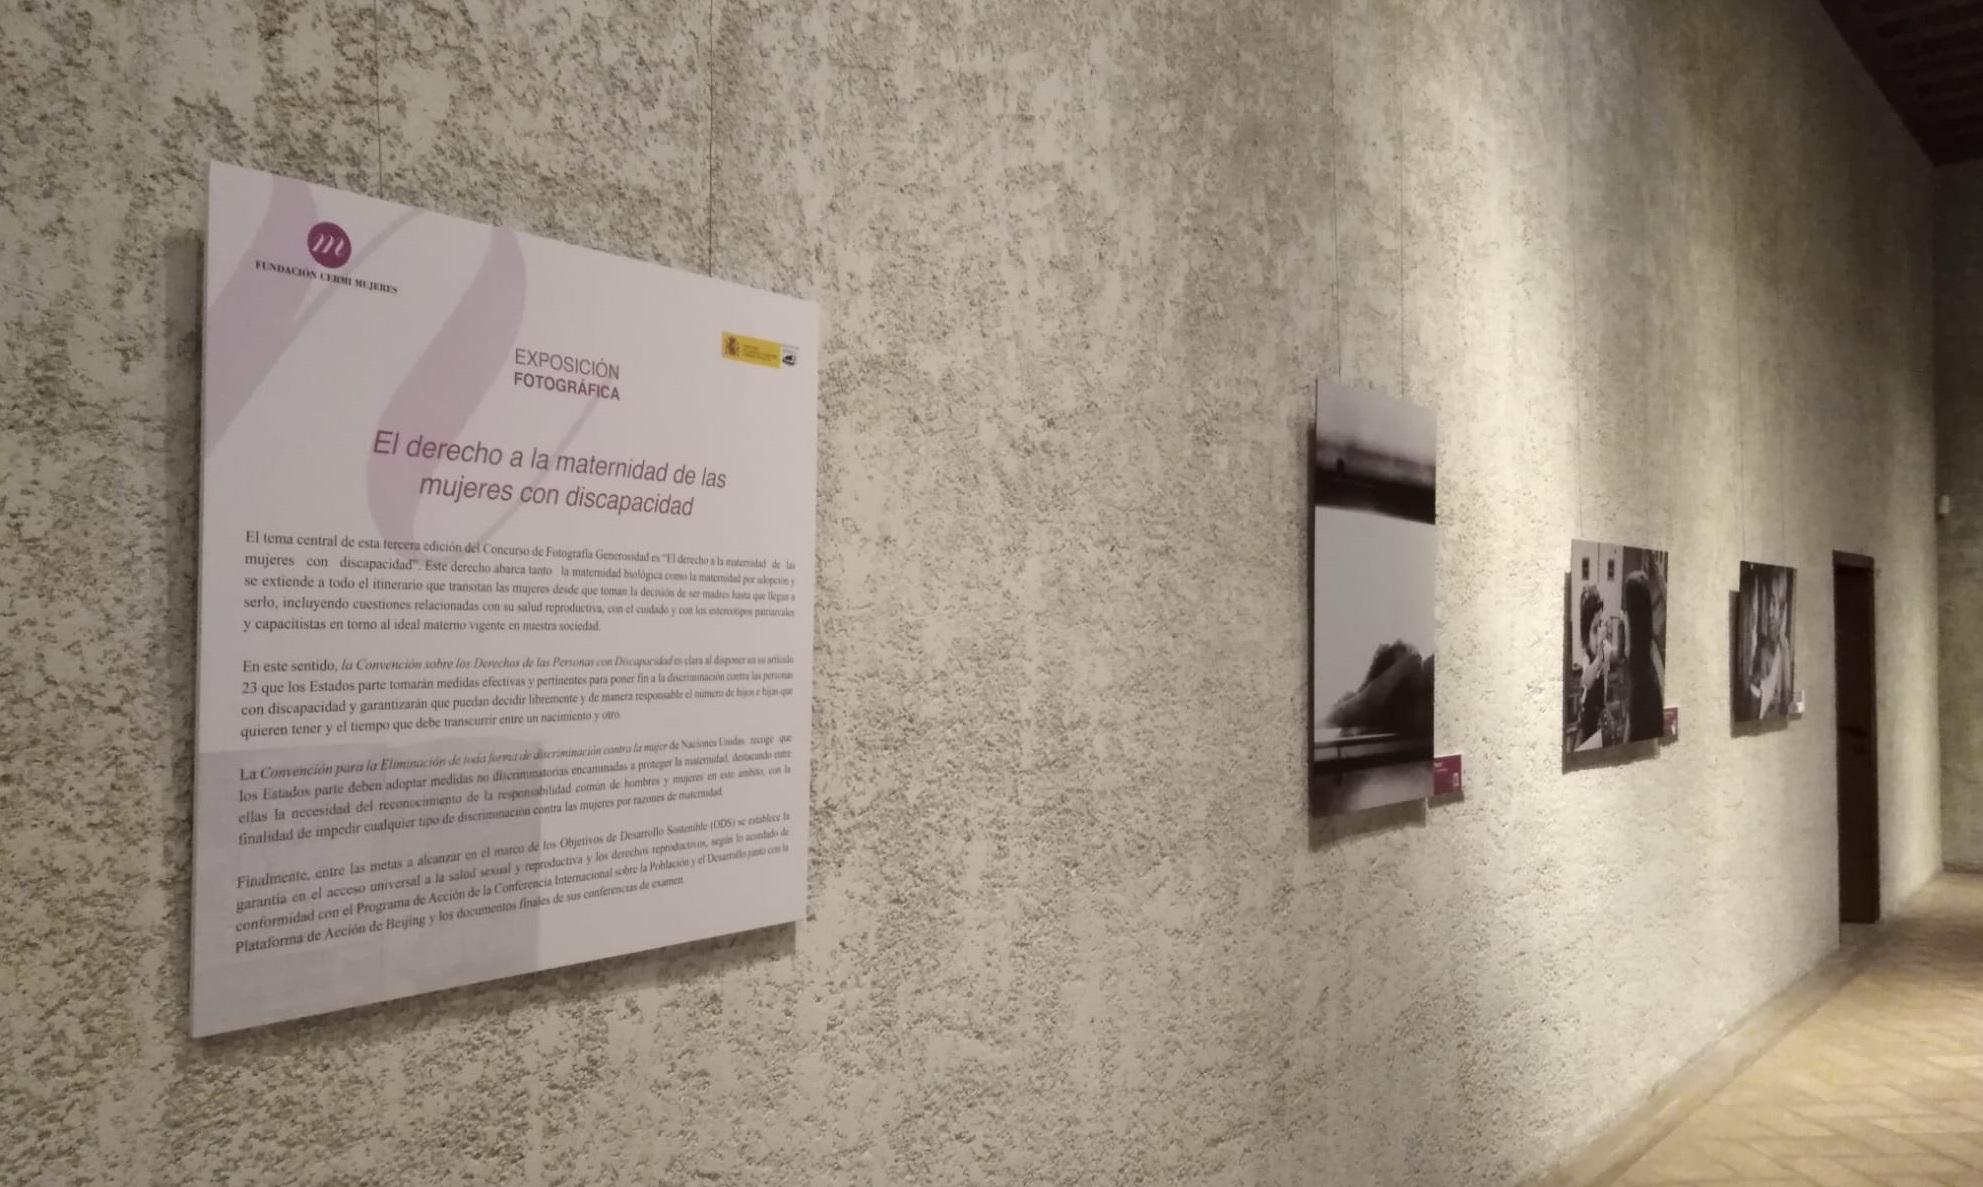 Imagen de parte de las fotografías de la exposición